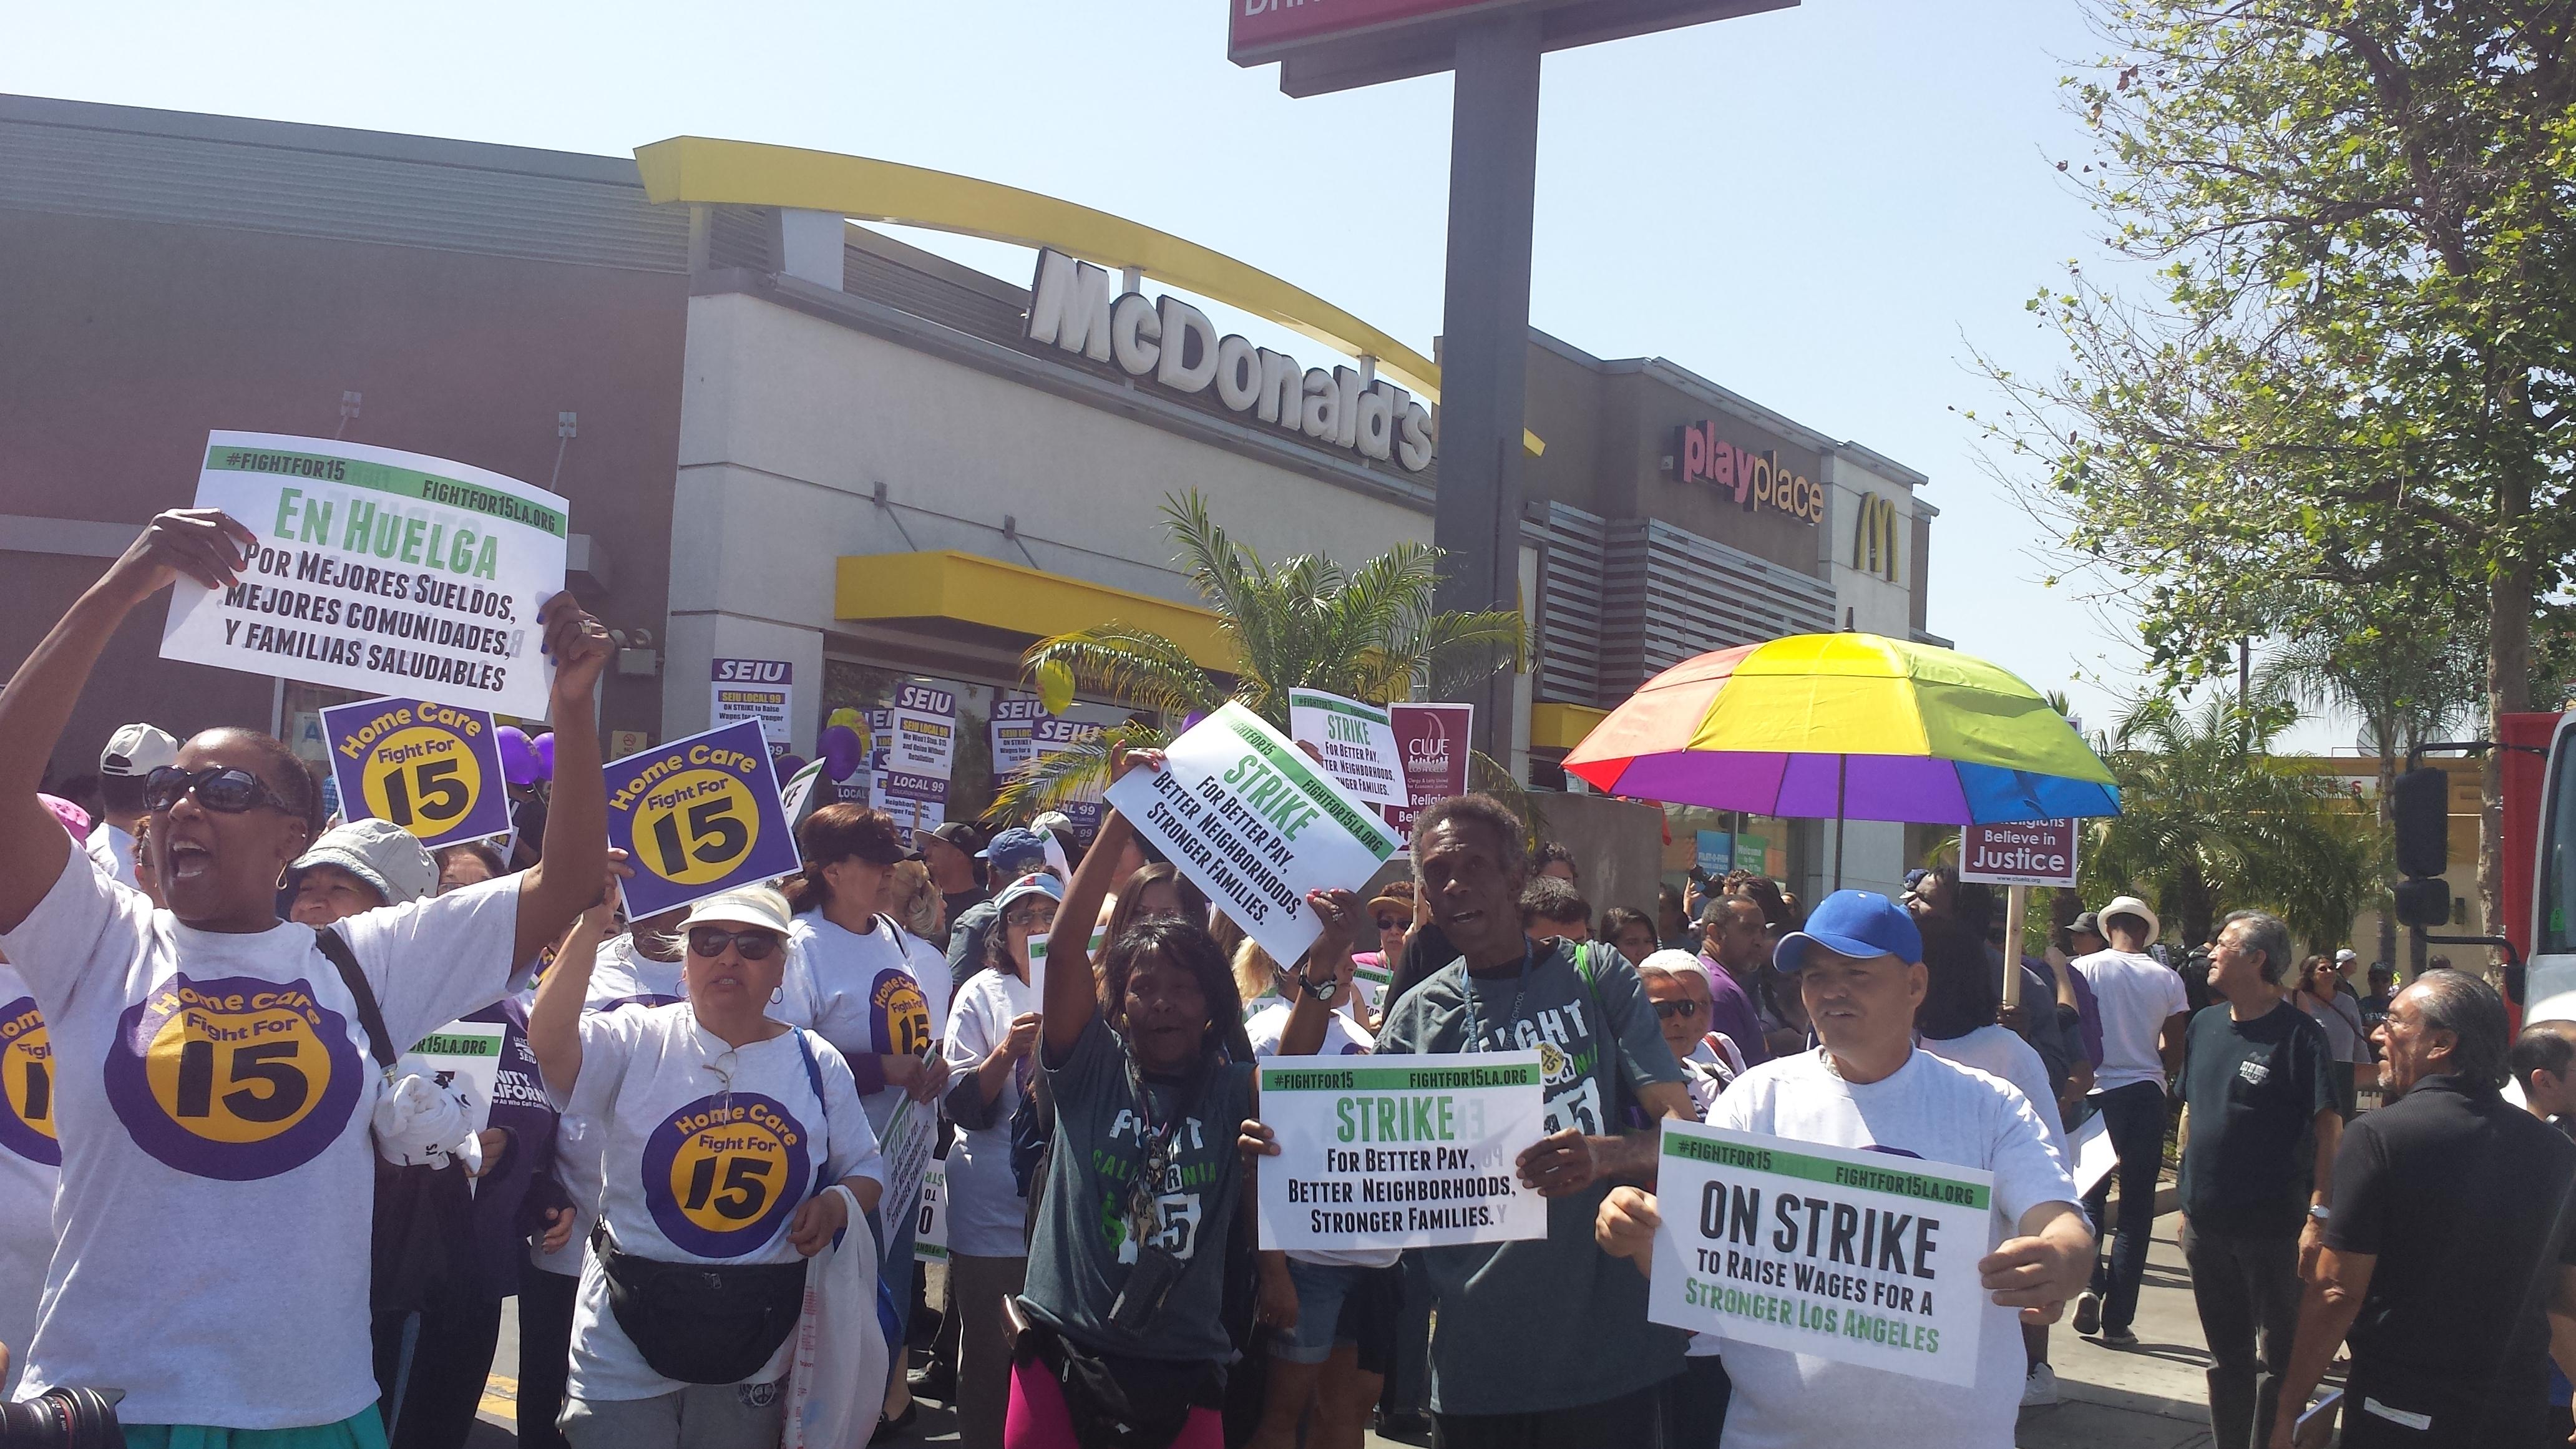 McDonalds-una-de-las-mega-empresas-que-no-quieren-subir-el-salario-a-15-dolares-y-no-reconocen-el-sindicato